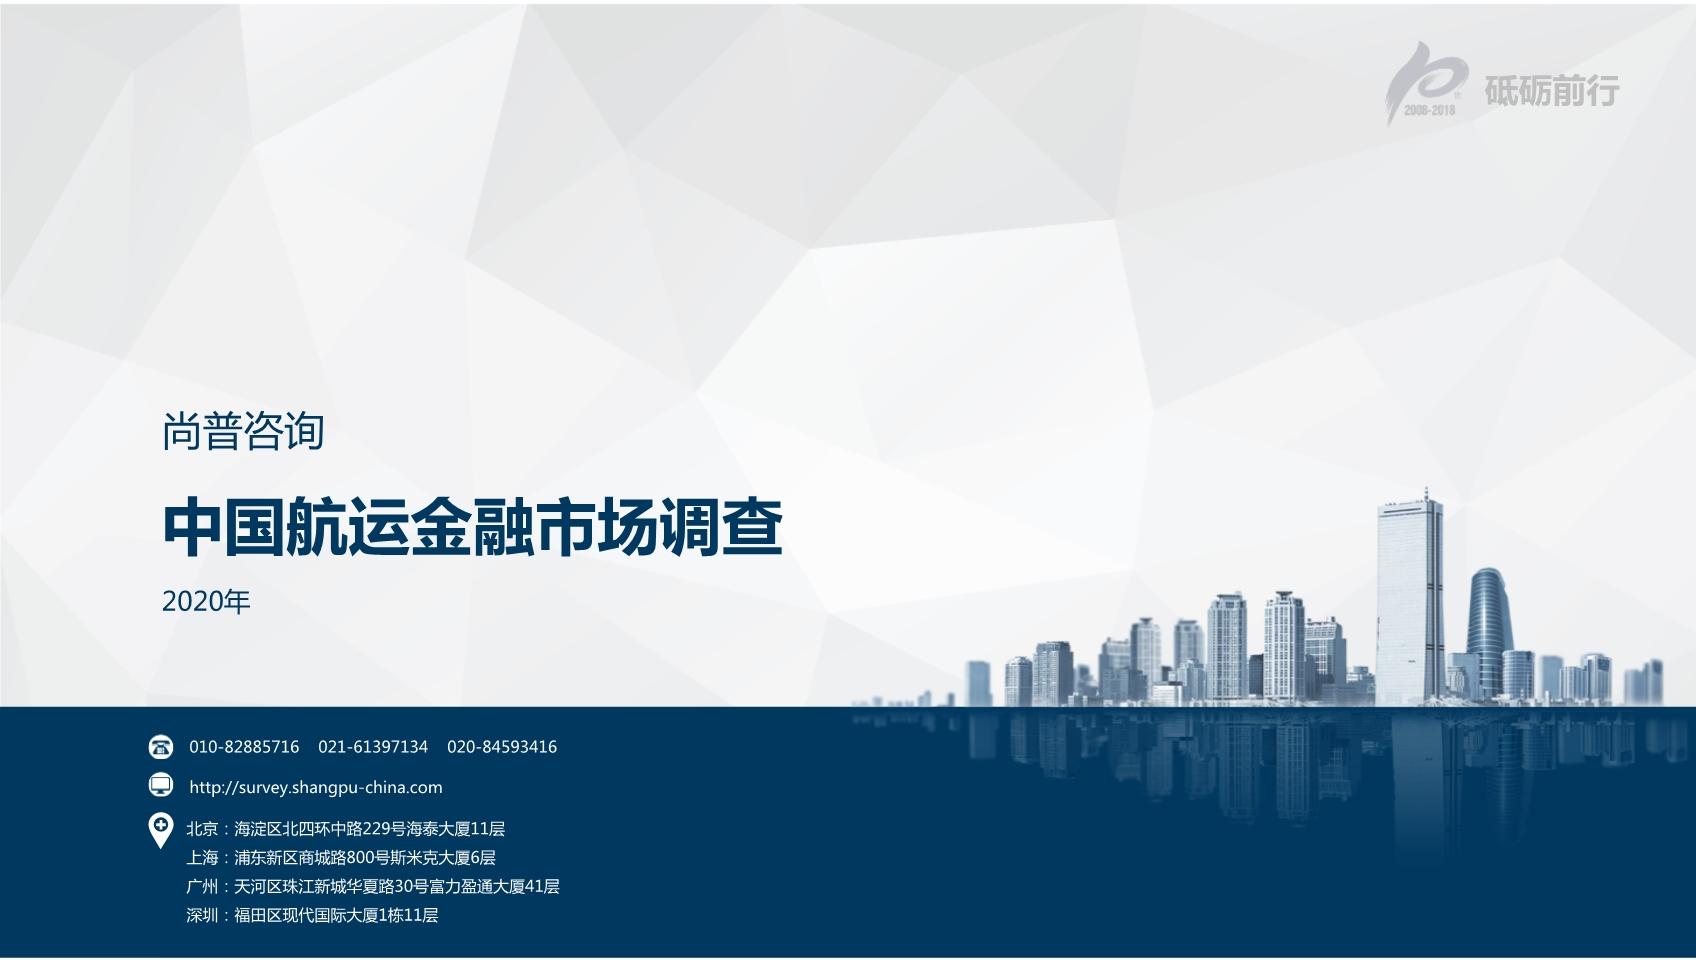 尚普咨询:2020年中国航运金融市场调查